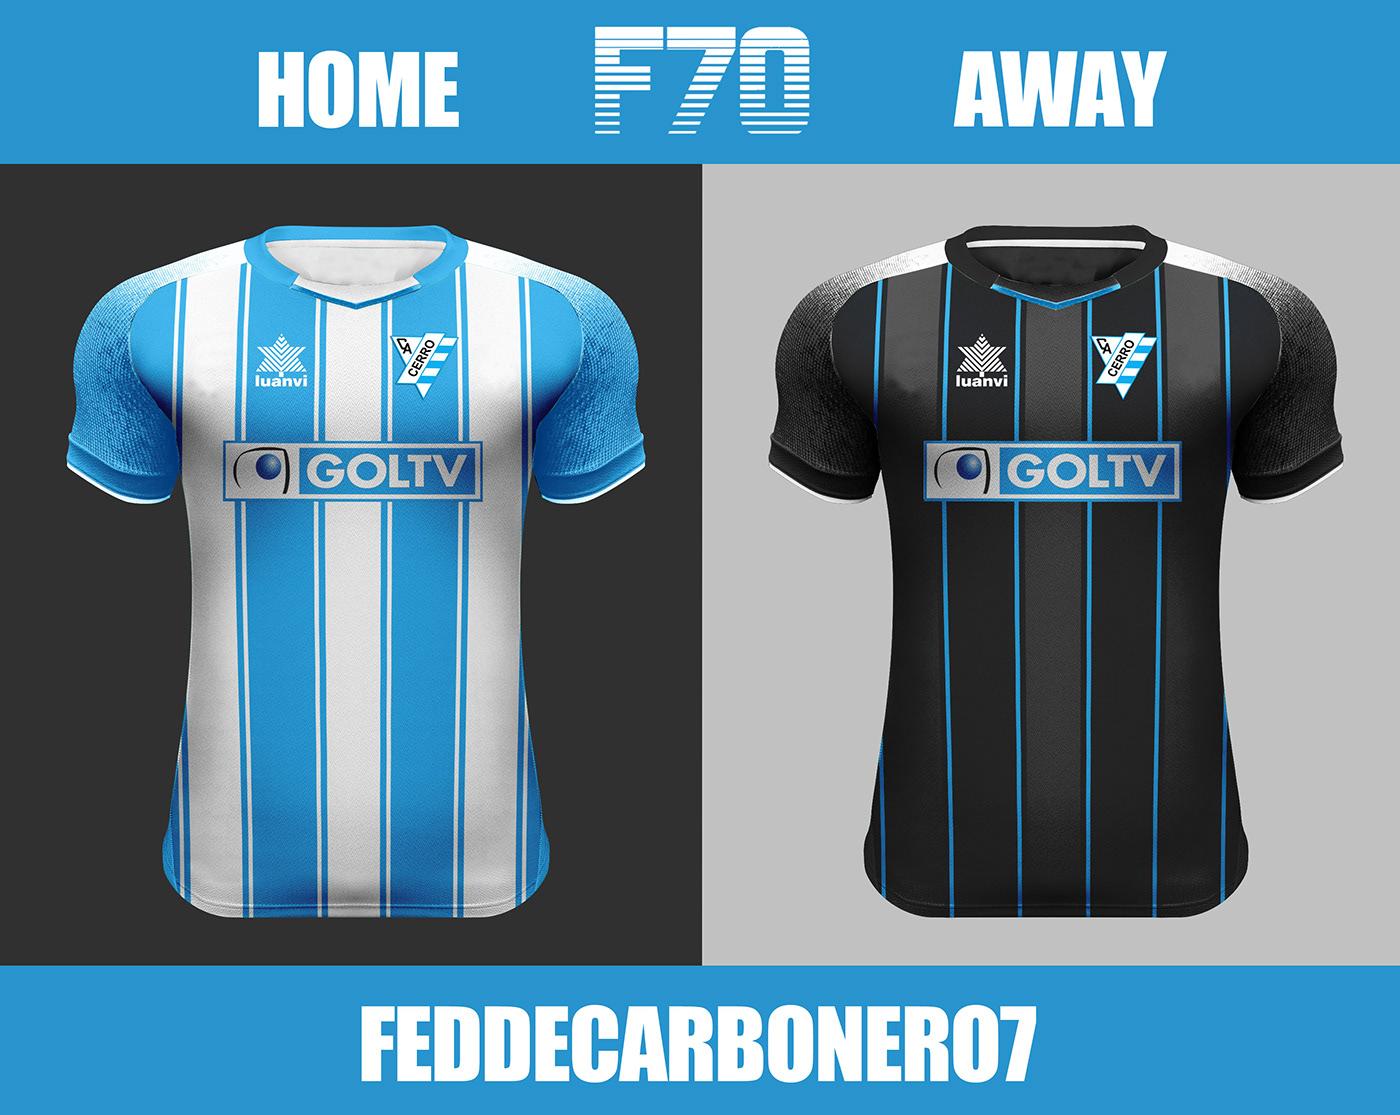 c0692dd7dd Designer cria camisas de clubes uruguaios - Show de Camisas